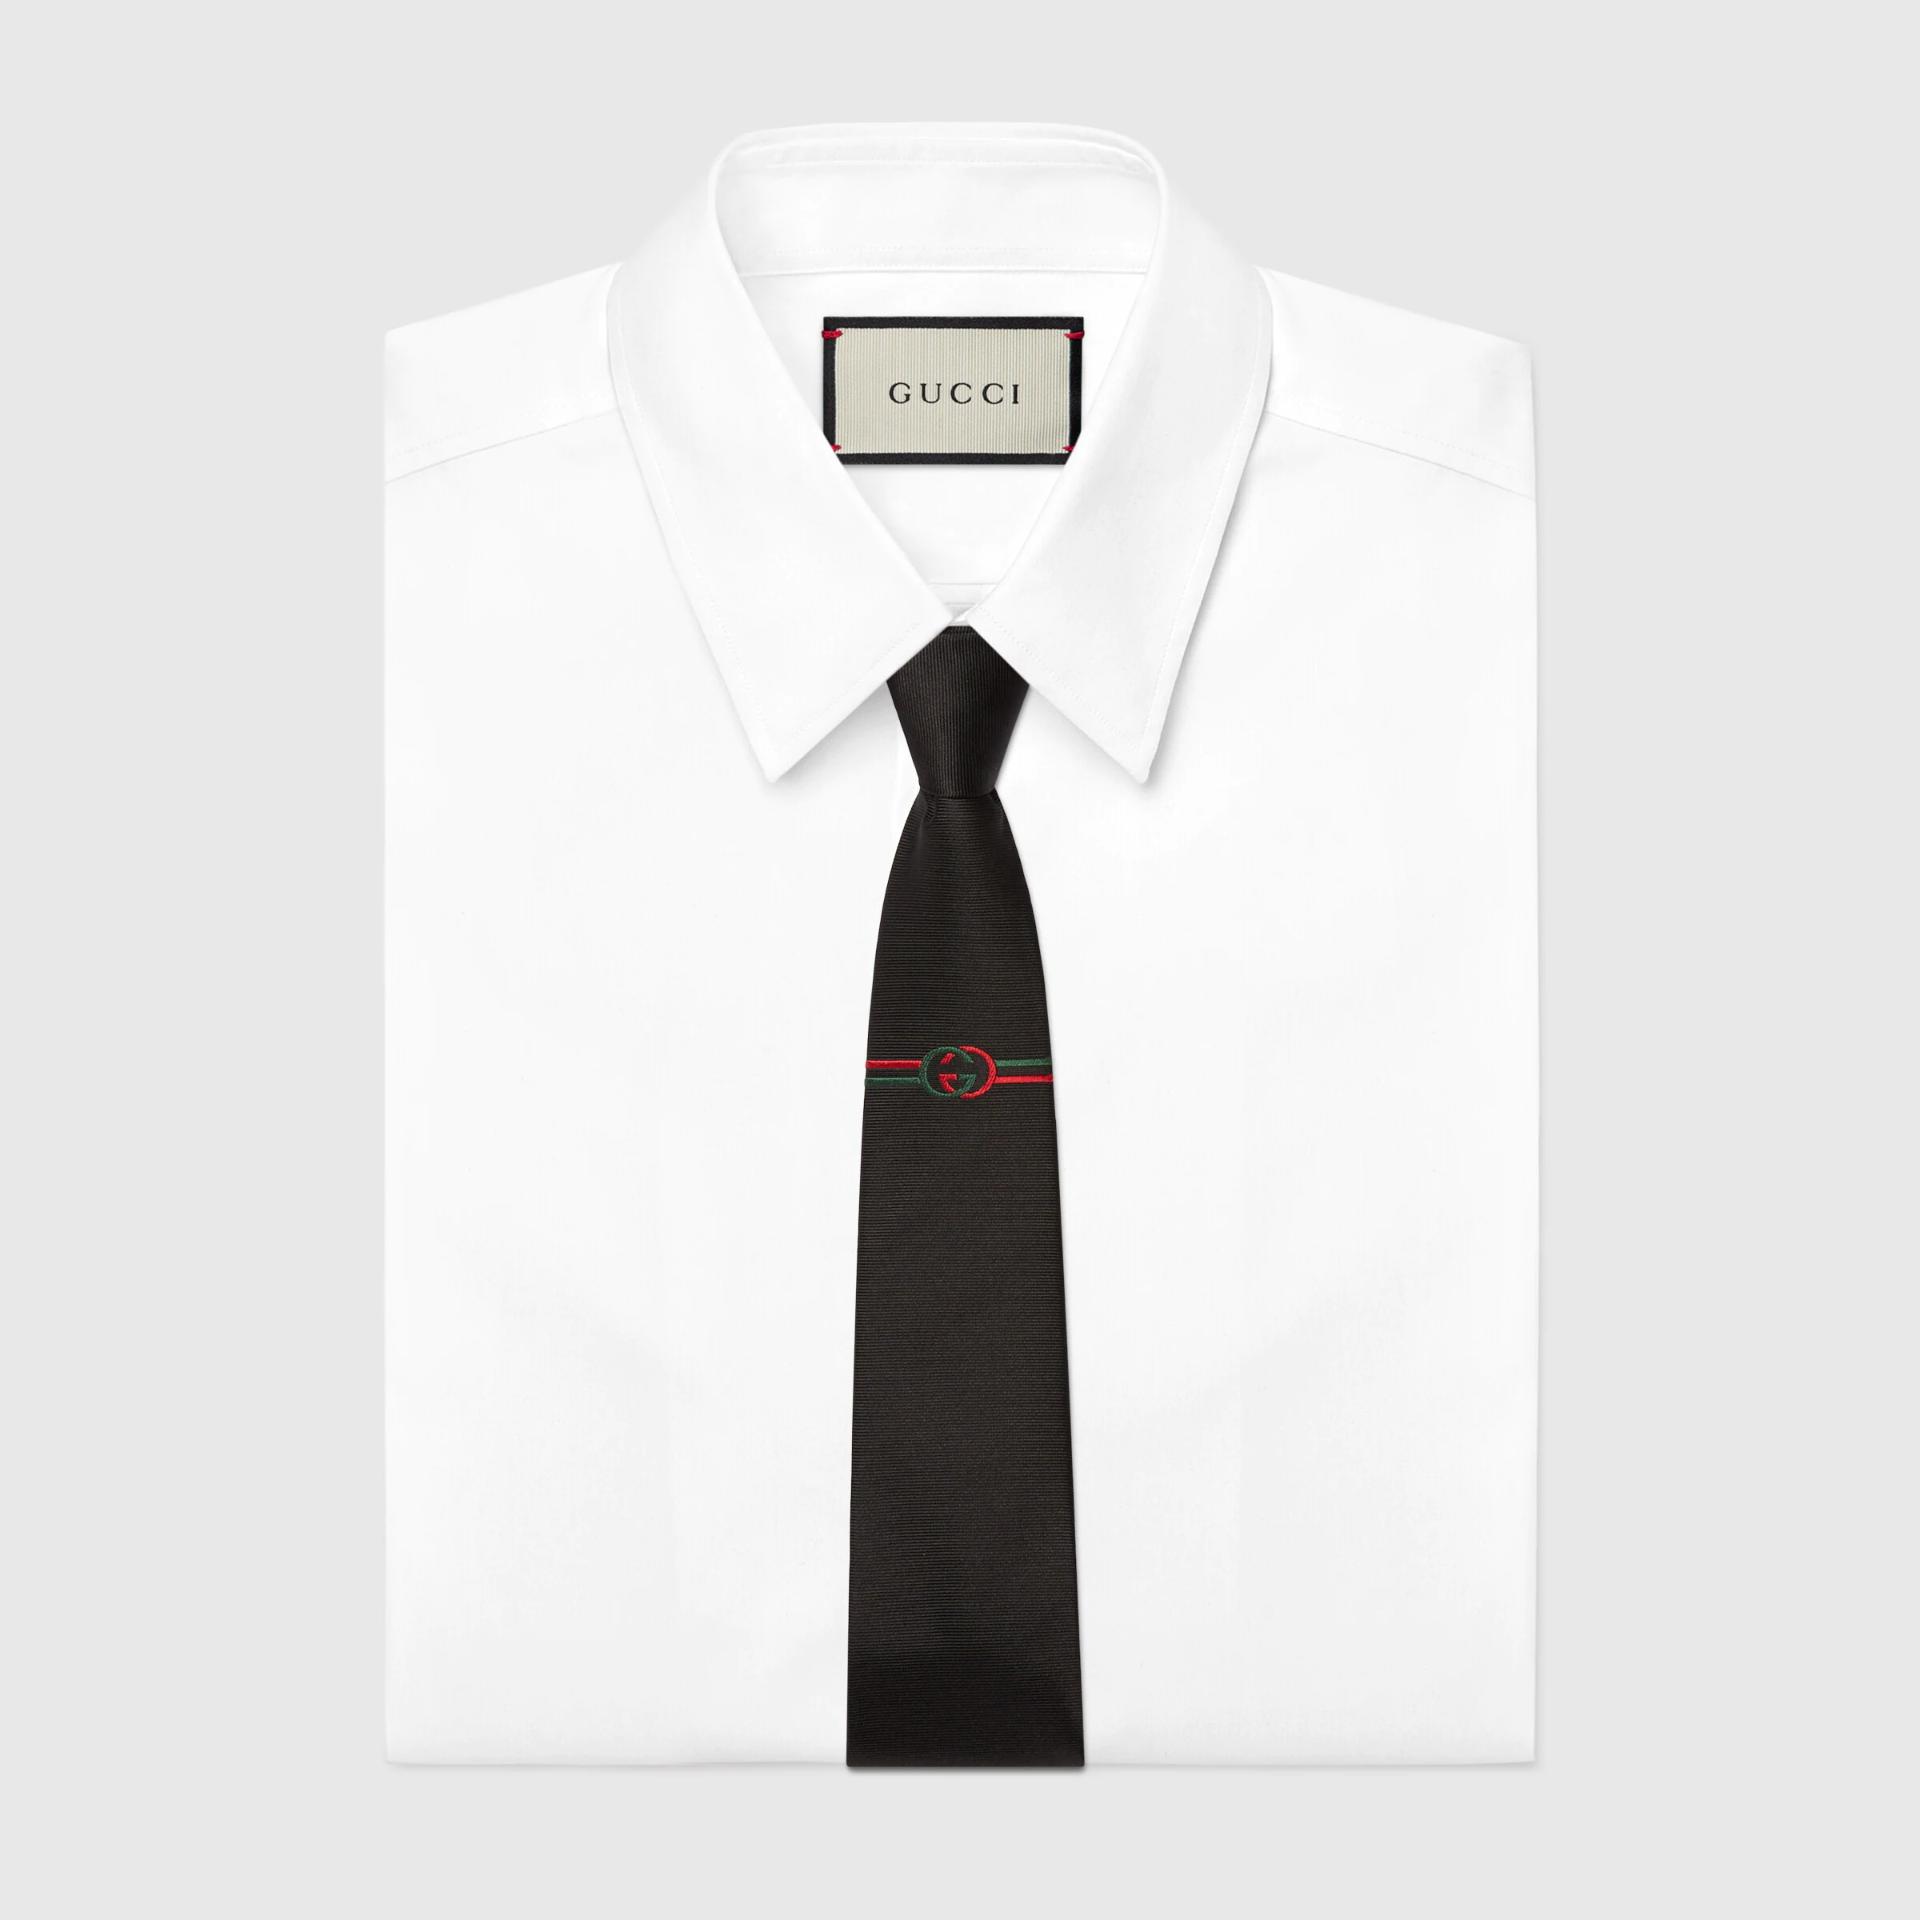 유럽직배송 구찌 GUCCI Gucci Interlocking G silk jacquard tie  6778844E0021000